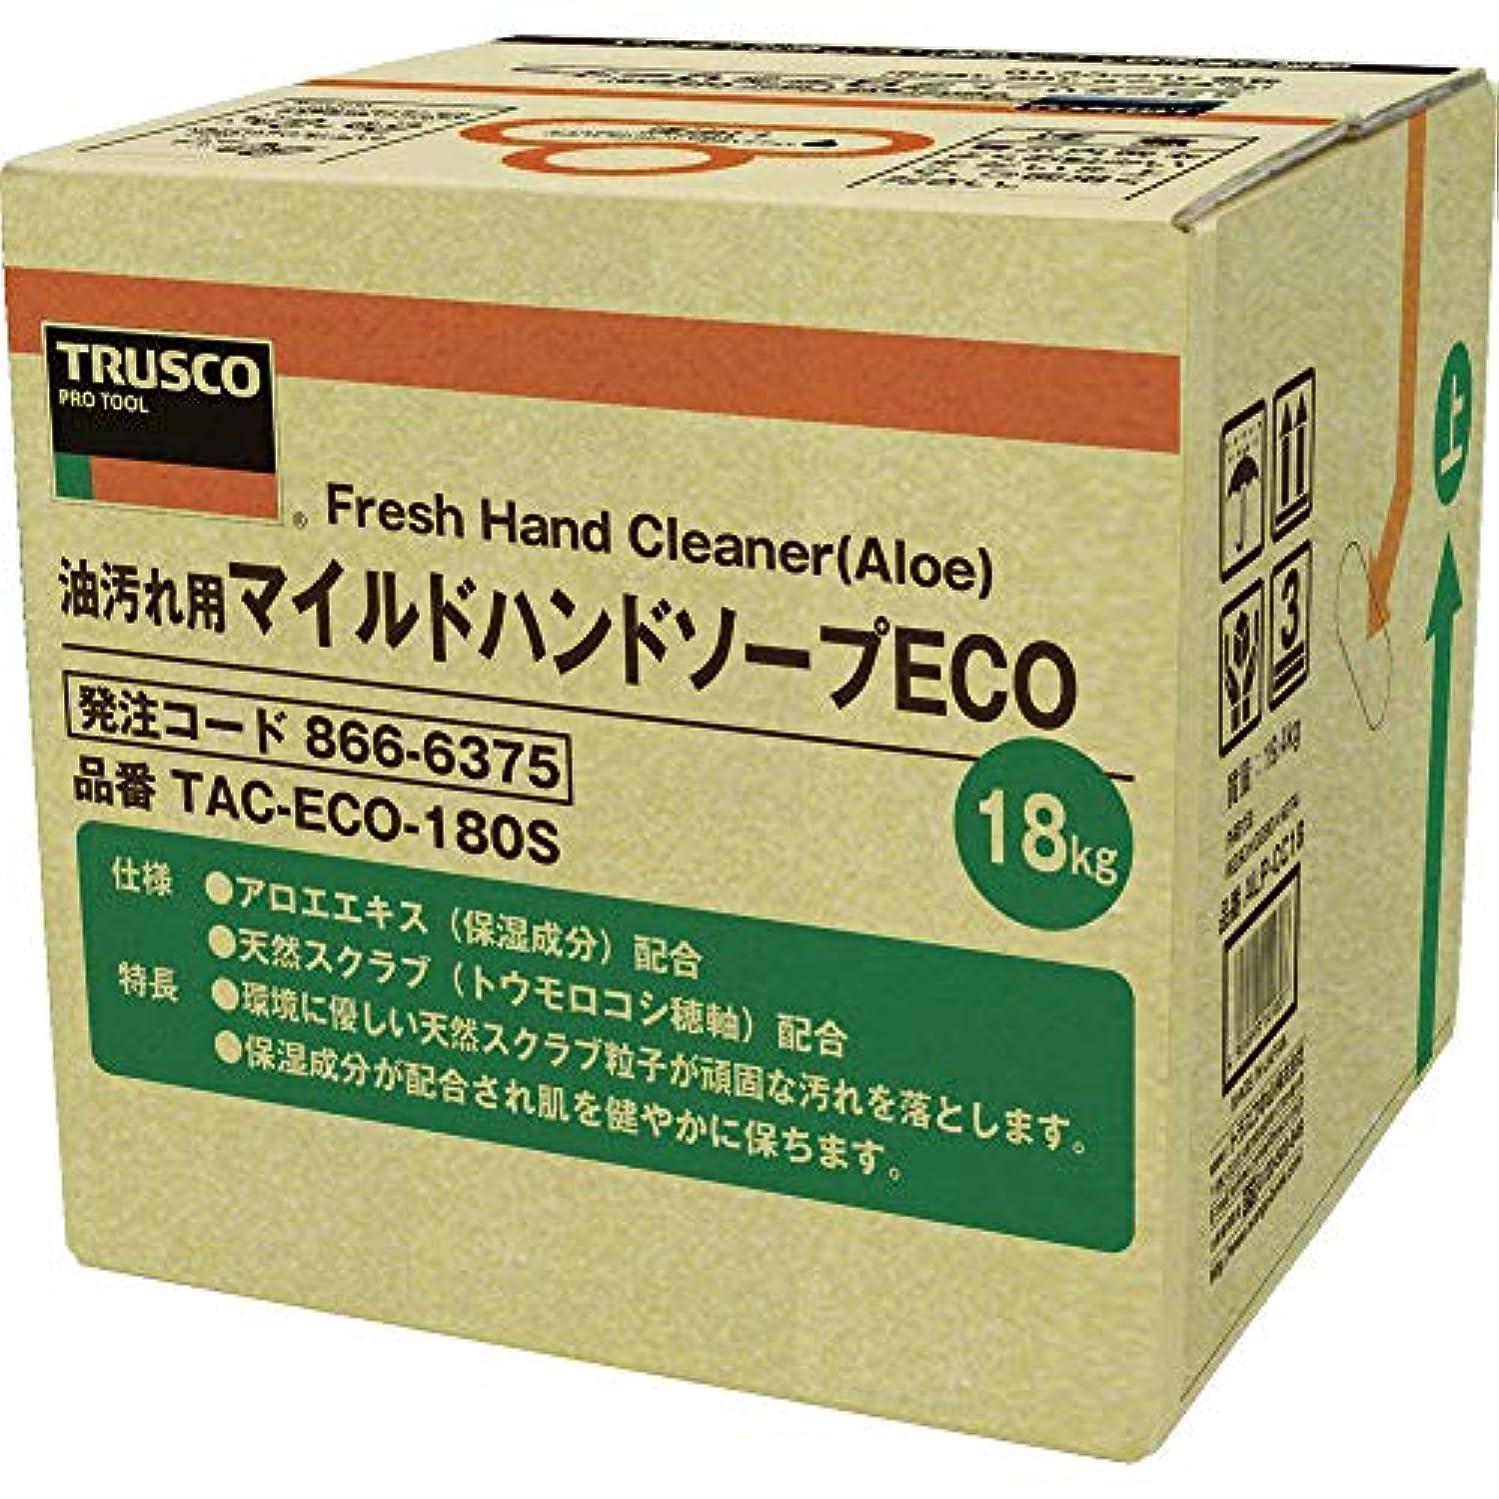 カテナ集計アナログTRUSCO(トラスコ) マイルドハンドソープ ECO 18L 詰替 バッグインボックス TACECO180S